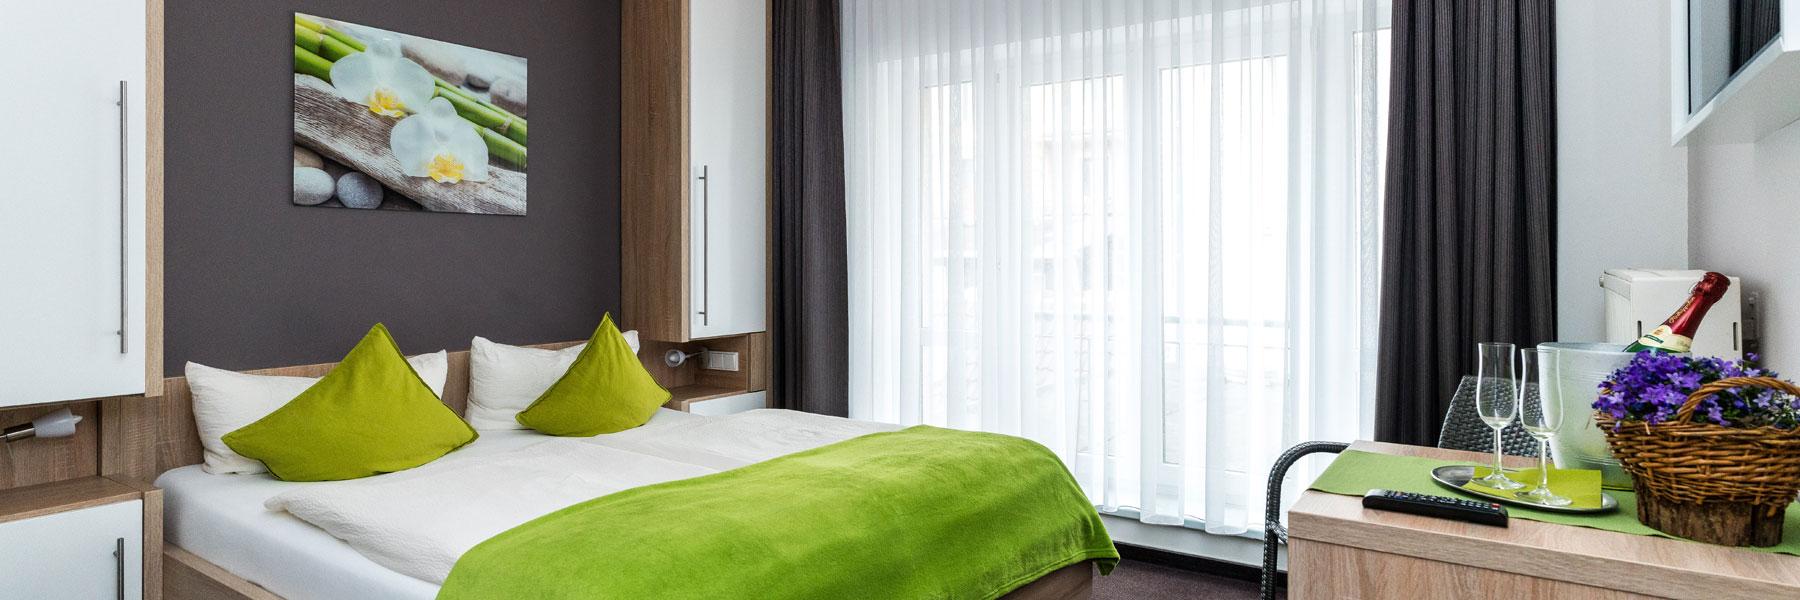 Doppelzimmer im Obergeschoß - Pension ALABAMA